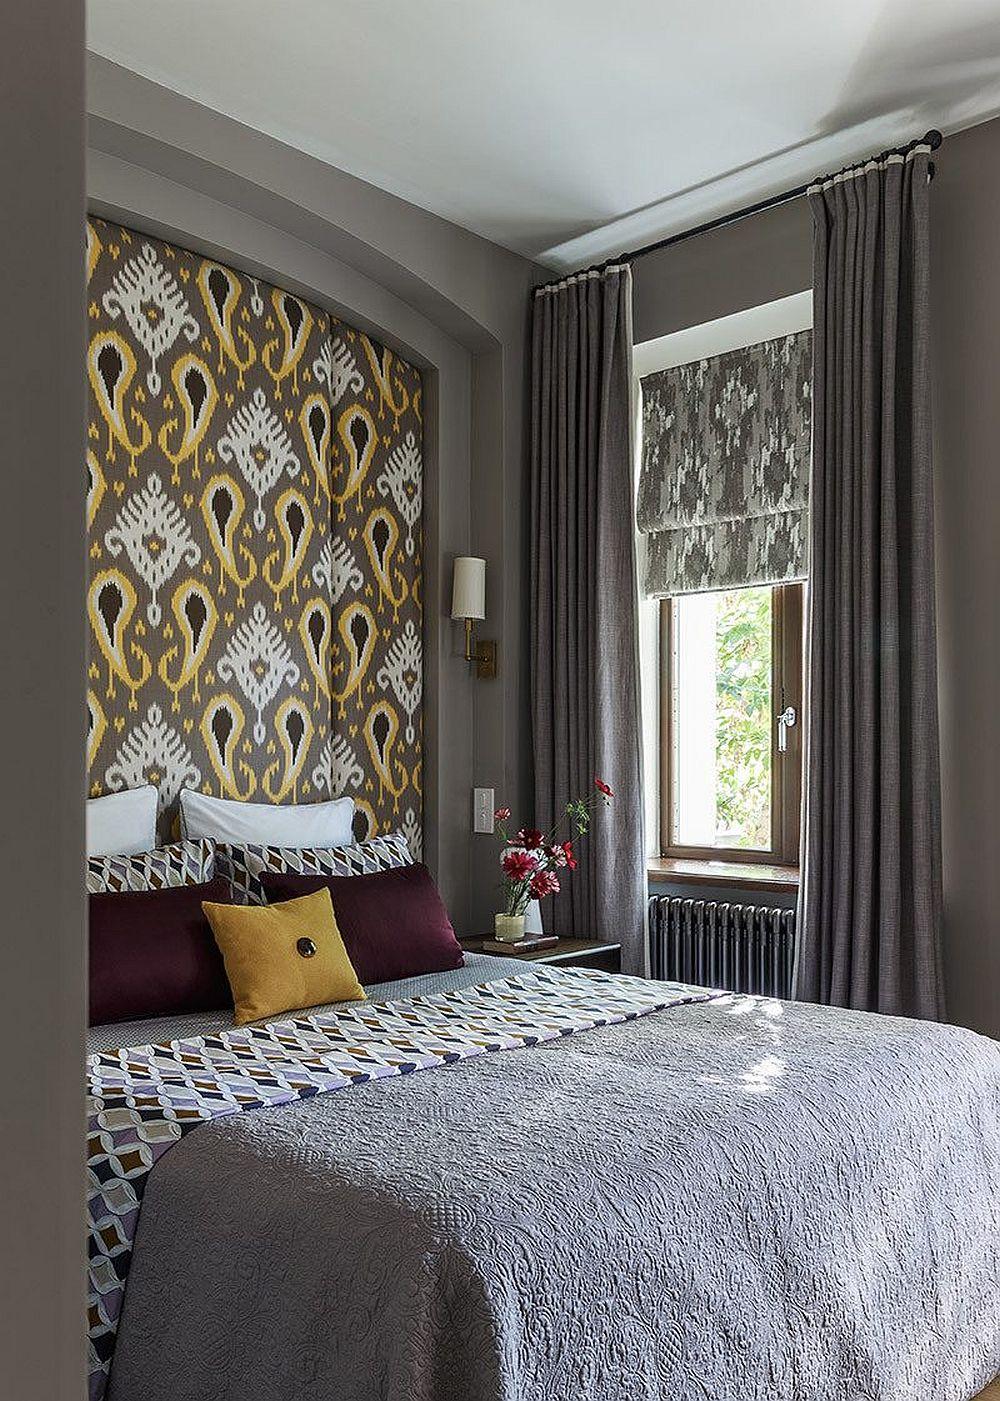 Dormitorul matrimonial este elegant amenajat, iar designerul s-a folosit de existența unei nișe în acest spațiu, nișă pe care apăstrat-o pentur a marca locul patului. În interiorul nișe a prevăzut o tăblie supradimensionată care preia forma și care este tapițată cu un material luxos.